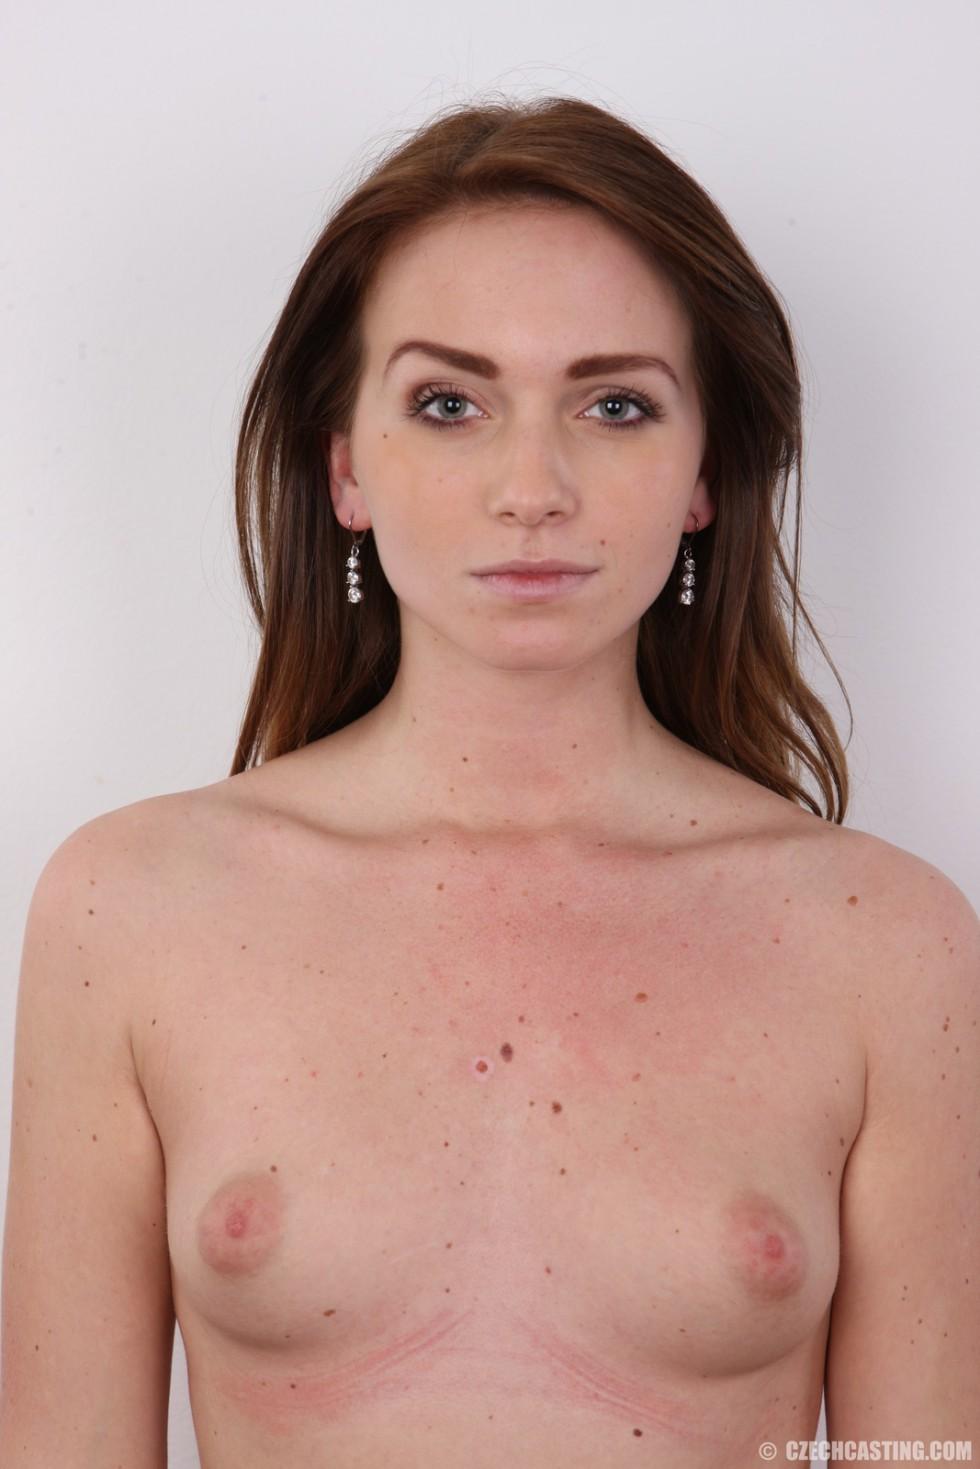 Фигуристые женщины - Порно галерея № 3473187